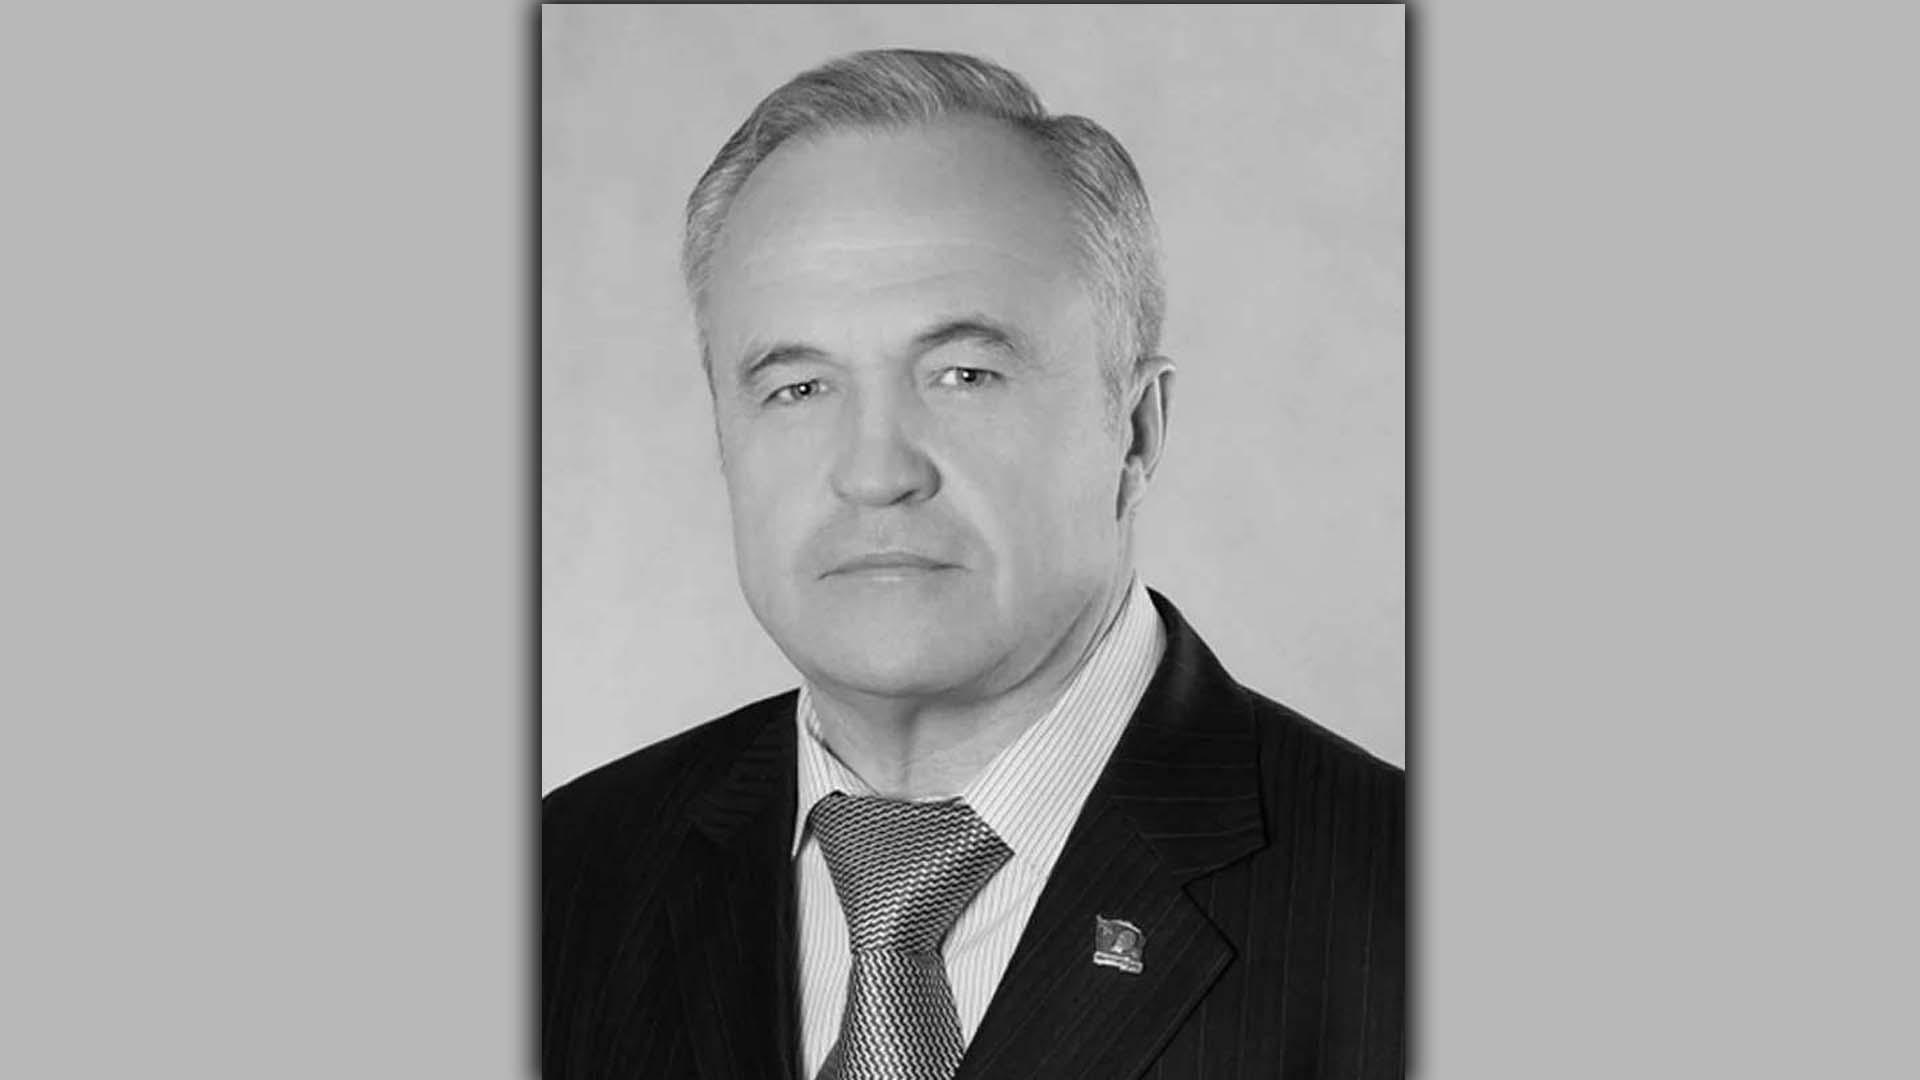 В Ярославле от коронавируса умер депутат областной Думы Александр Воробьев